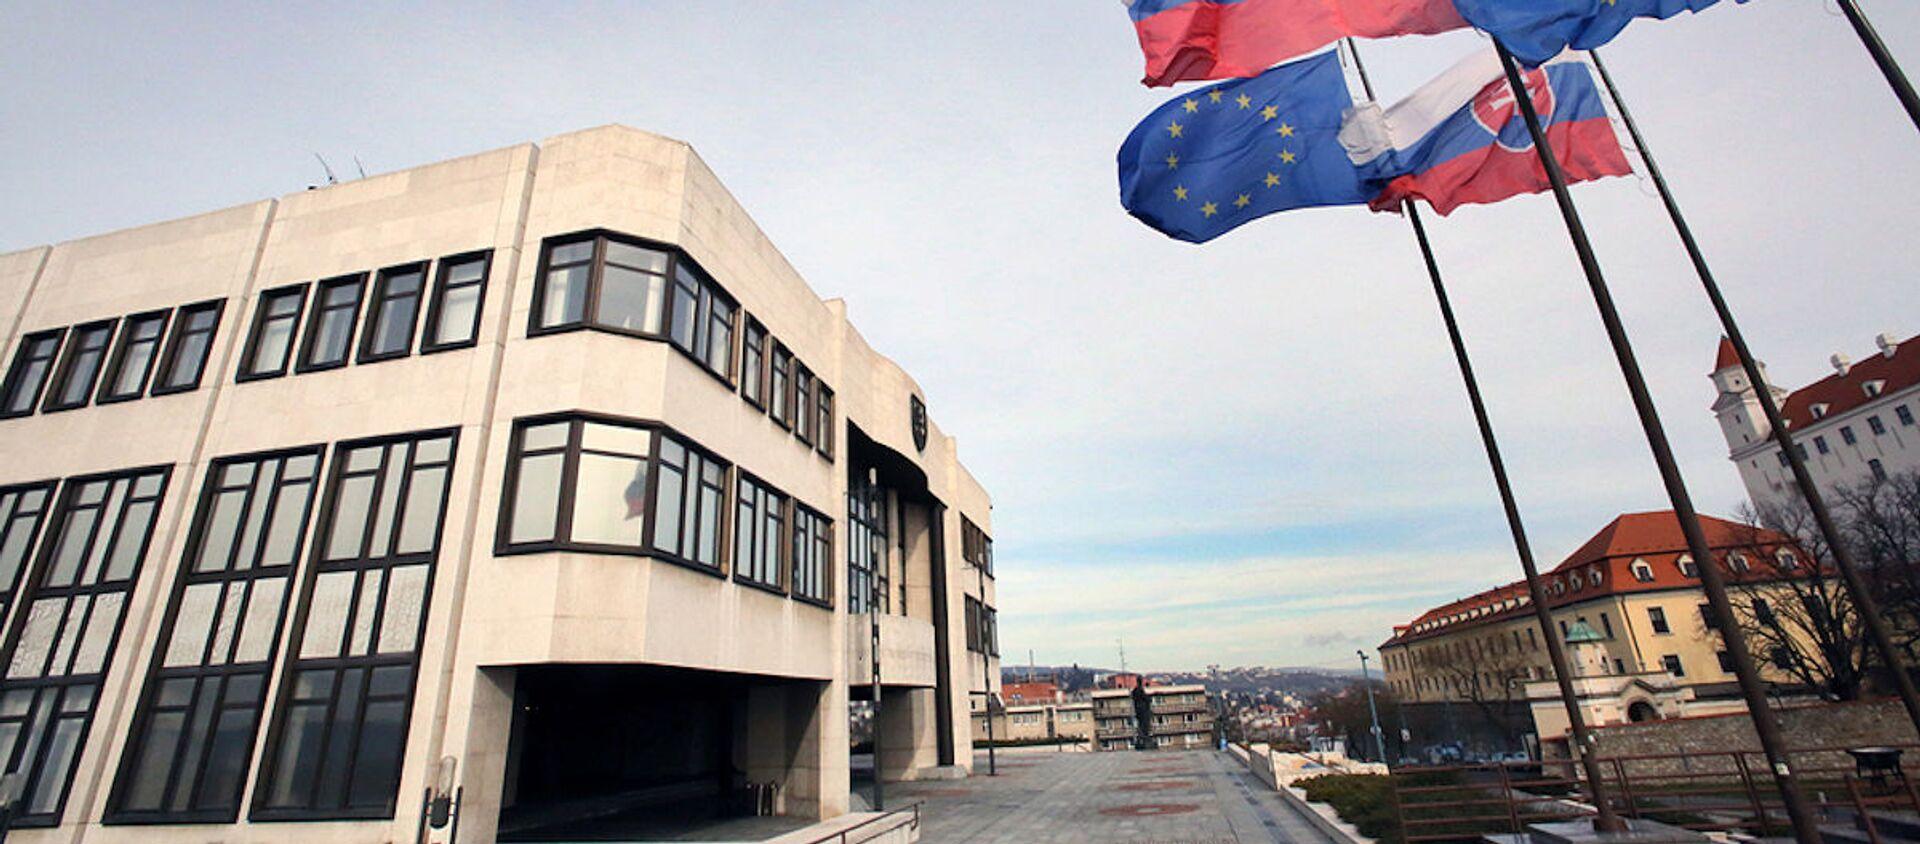 Budova Národní rady Slovenské republiky. Ilustrační foto - Sputnik Česká republika, 1920, 09.04.2021